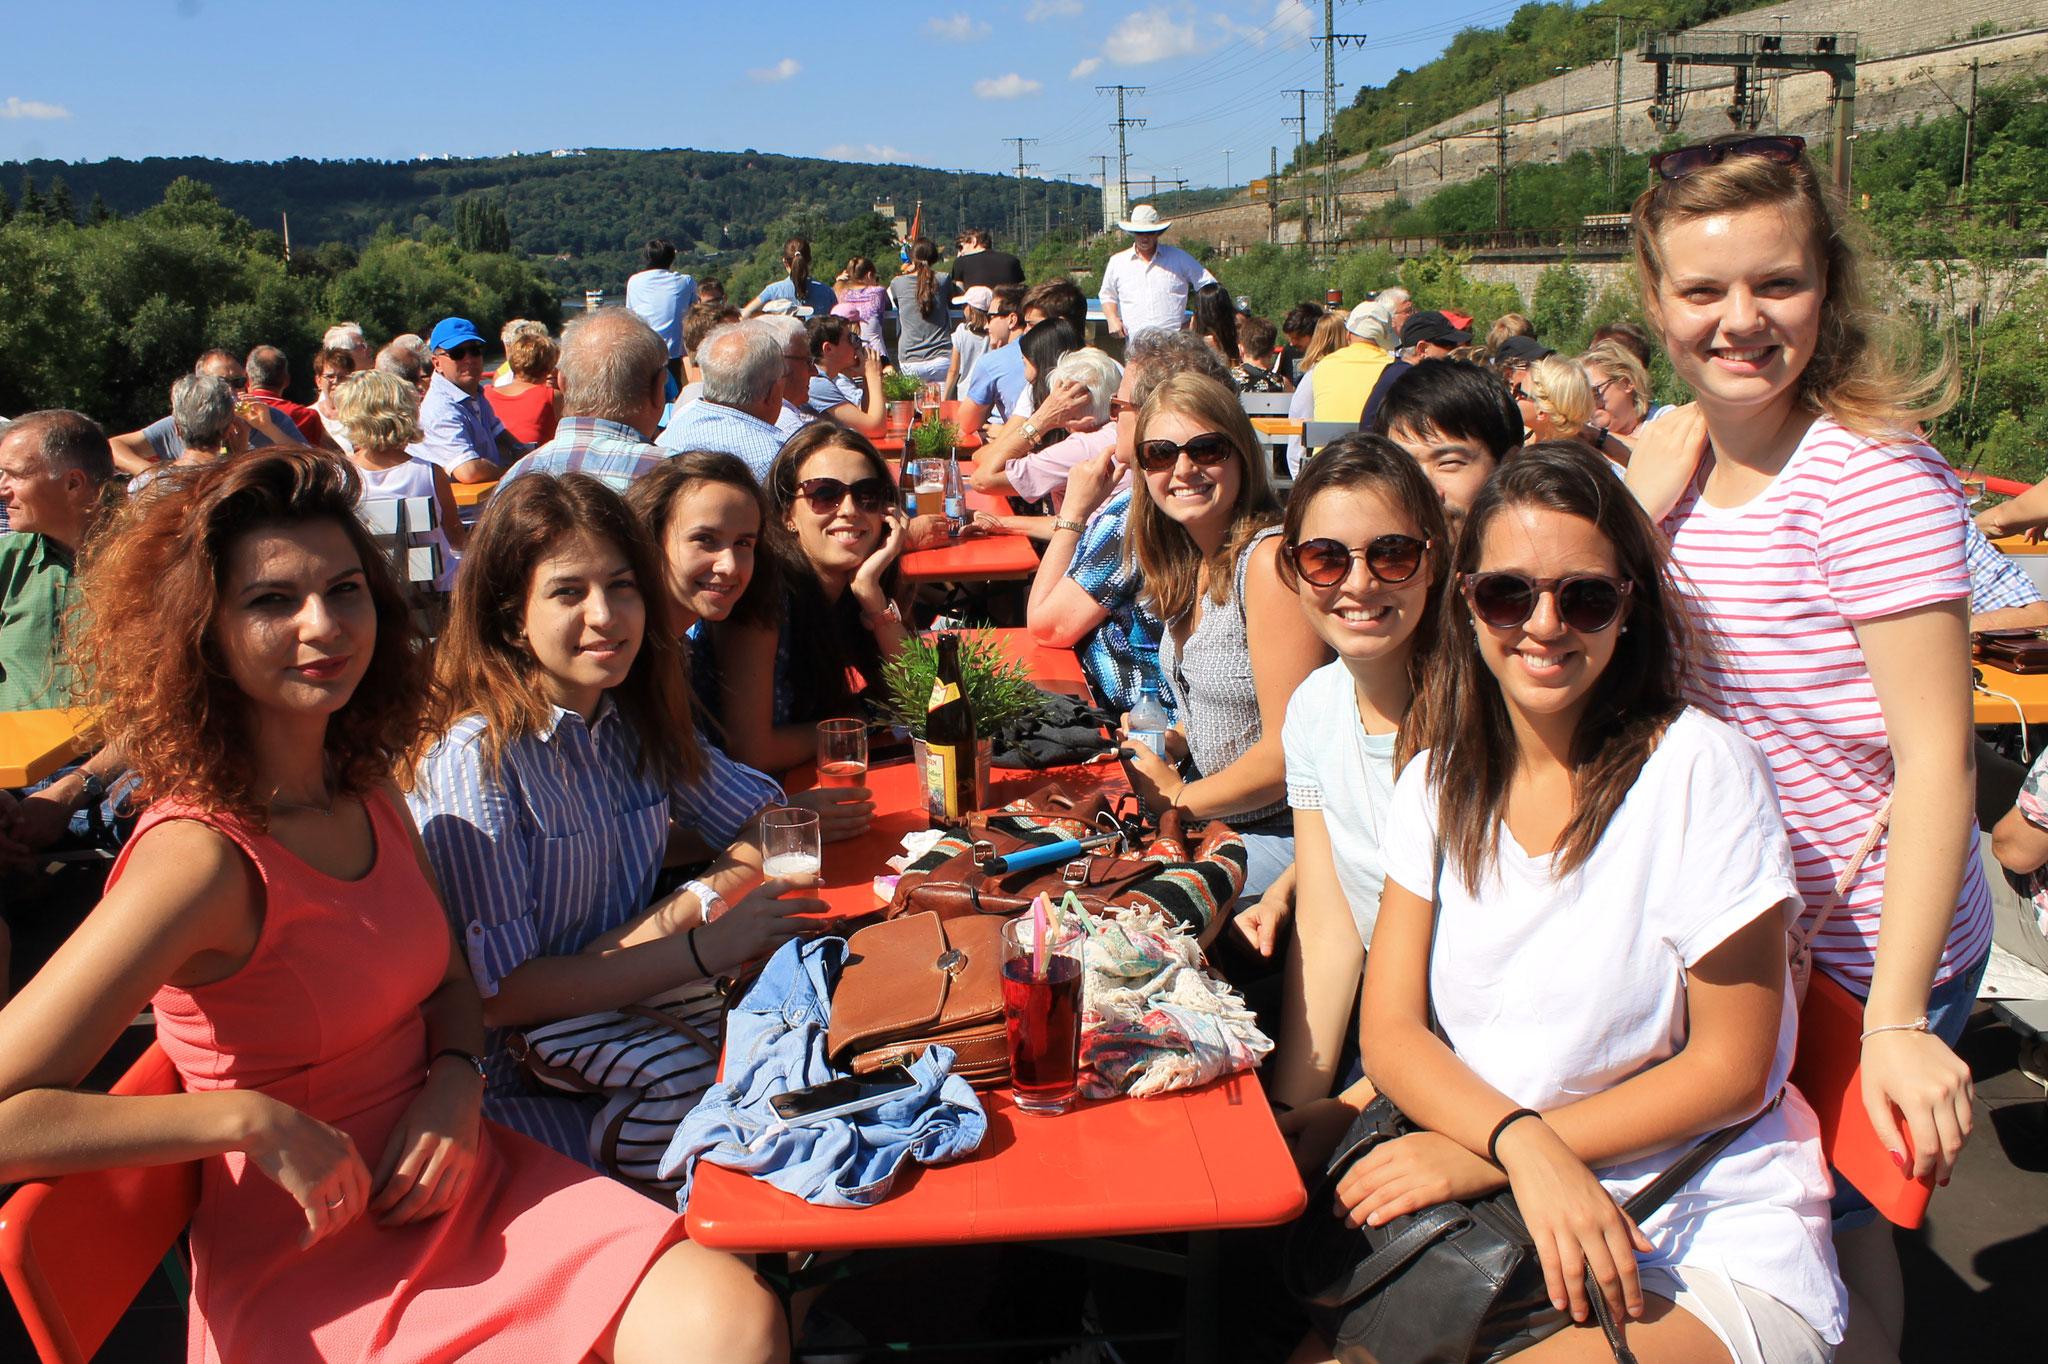 Deutsch-Sommersprachkurs Universität Würzburg, Deutsch lernen in Würzburg, Kulturprogramm, Tagesausflug mit dem Schiff über den Main nach Veitshöchheim entlang der Weinberge